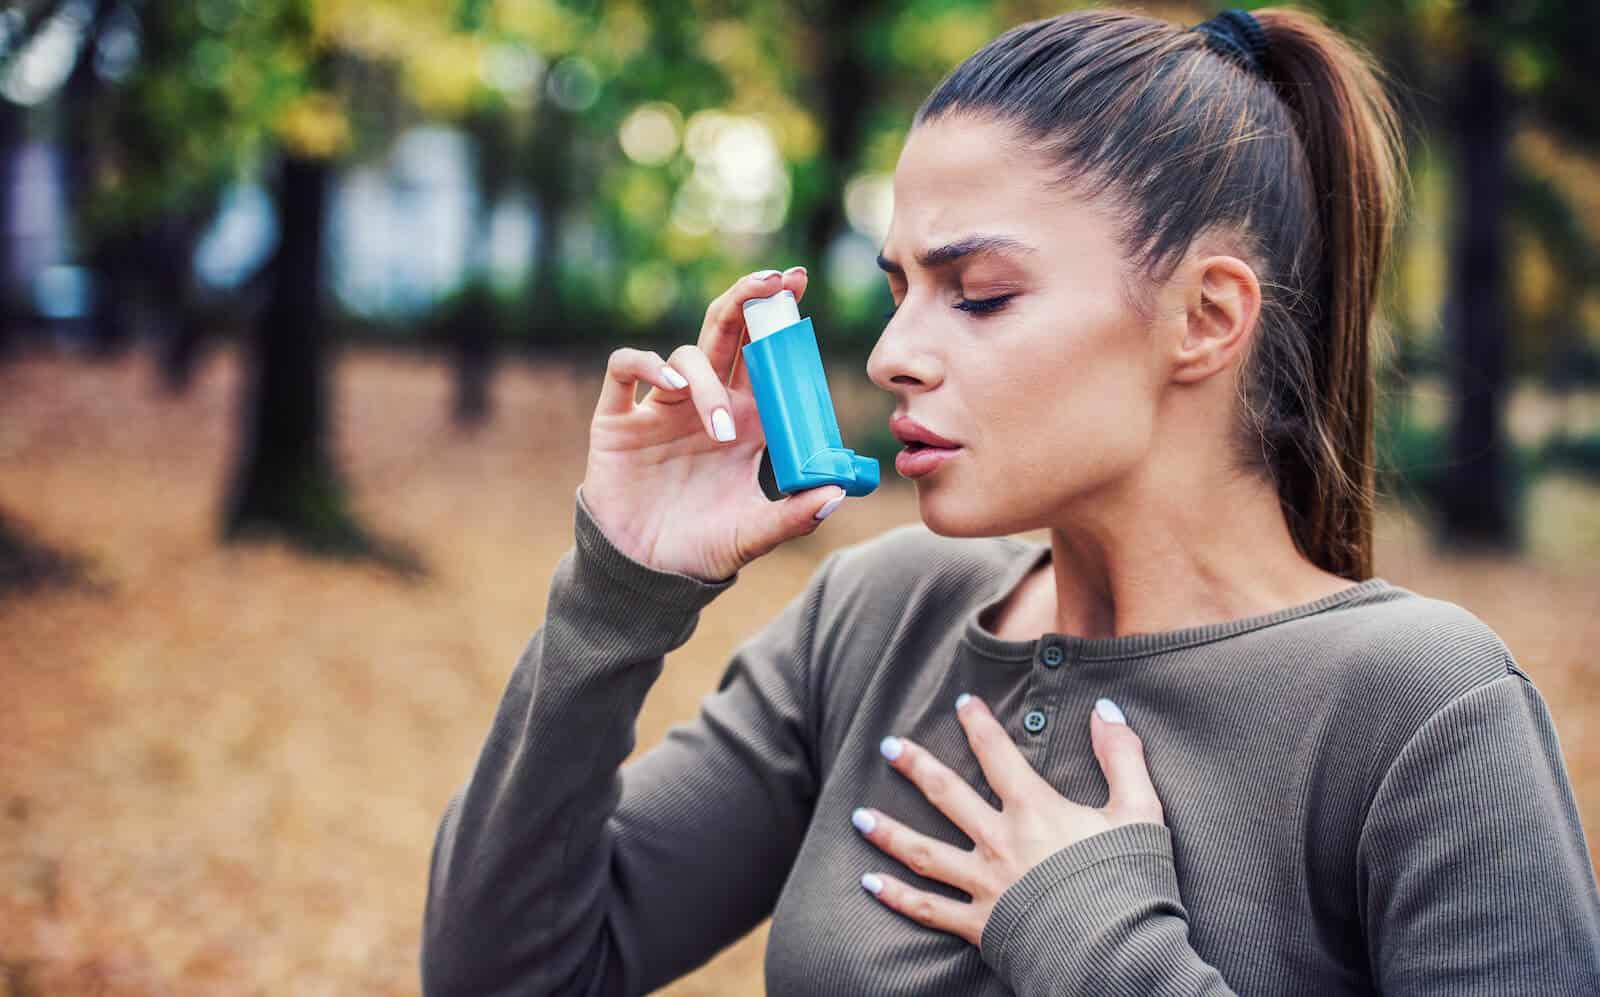 LPR symptoms: woman using an asthma inhaler